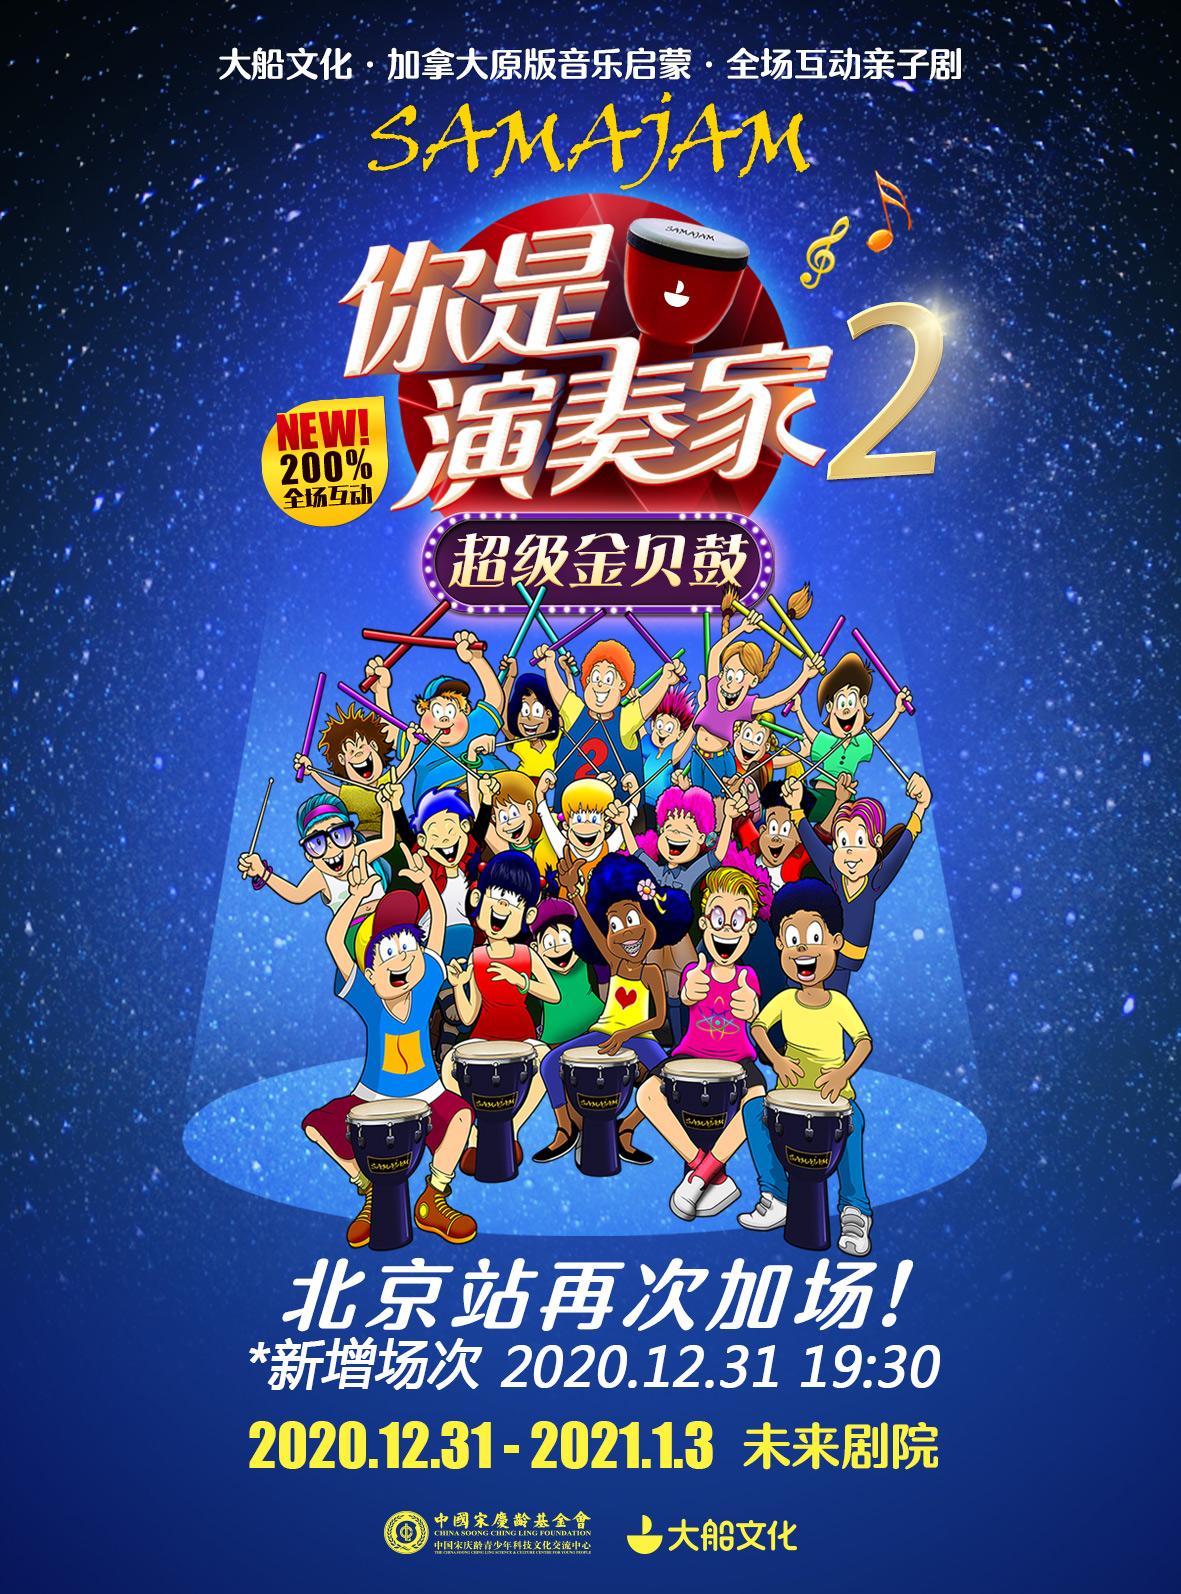 亲子剧《你是演奏家2超级金贝鼓》北京站